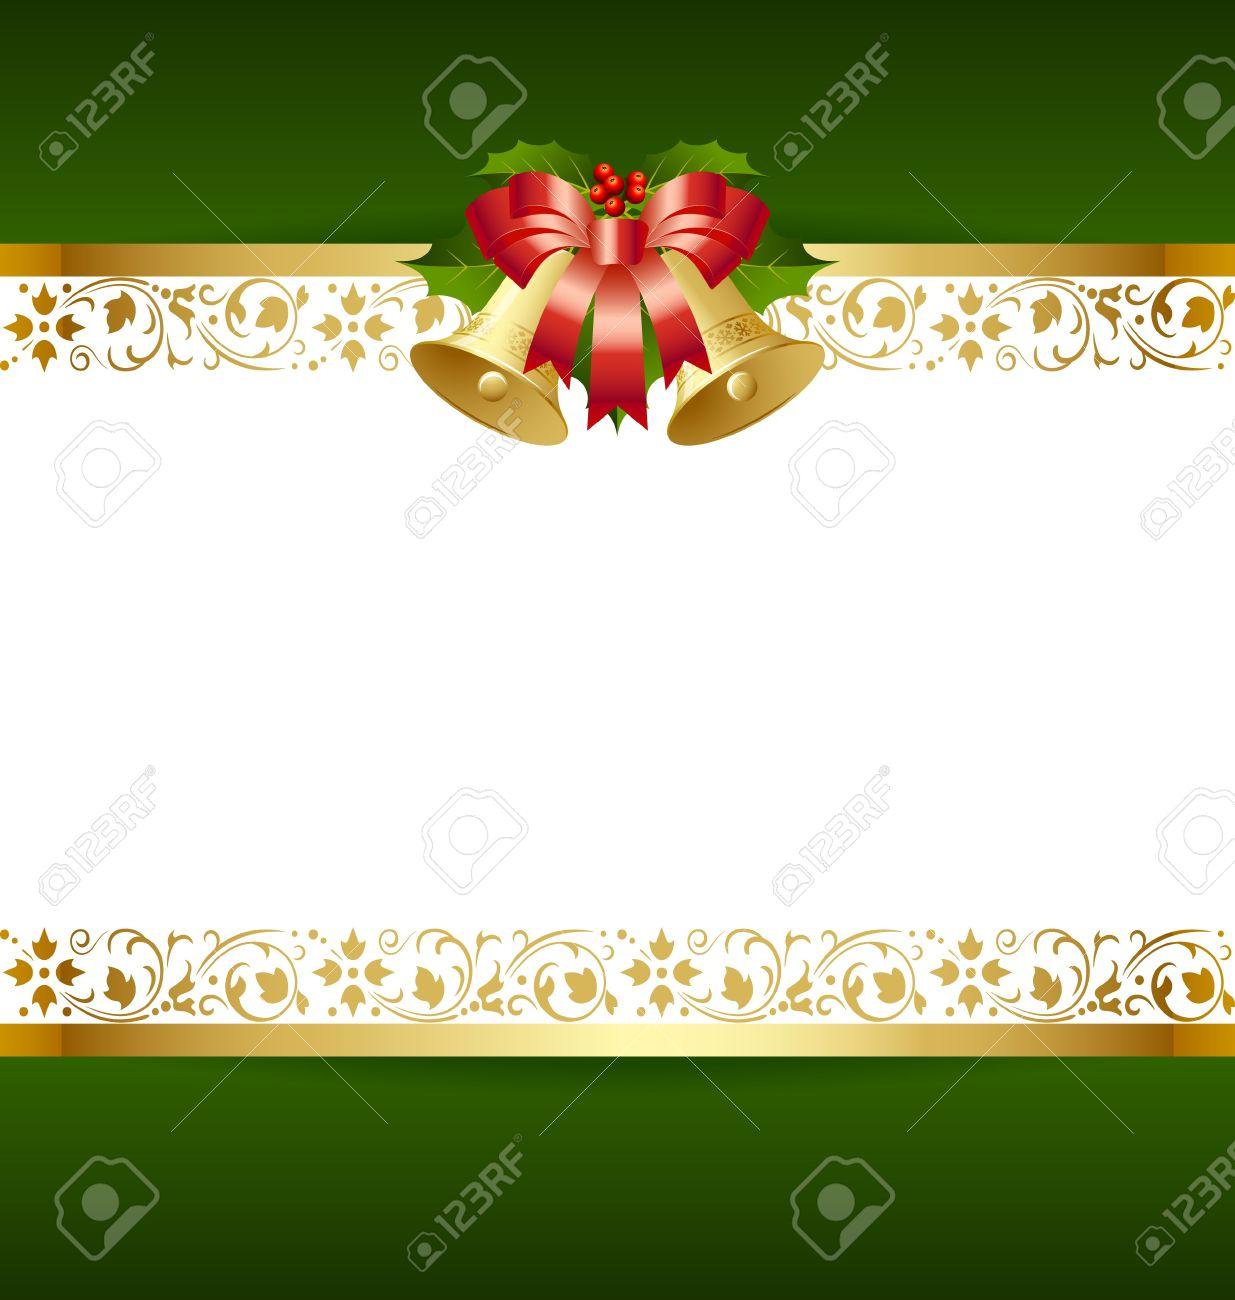 Estilizada Plantilla De La Tarjeta De Navidad Con La Decoración ...